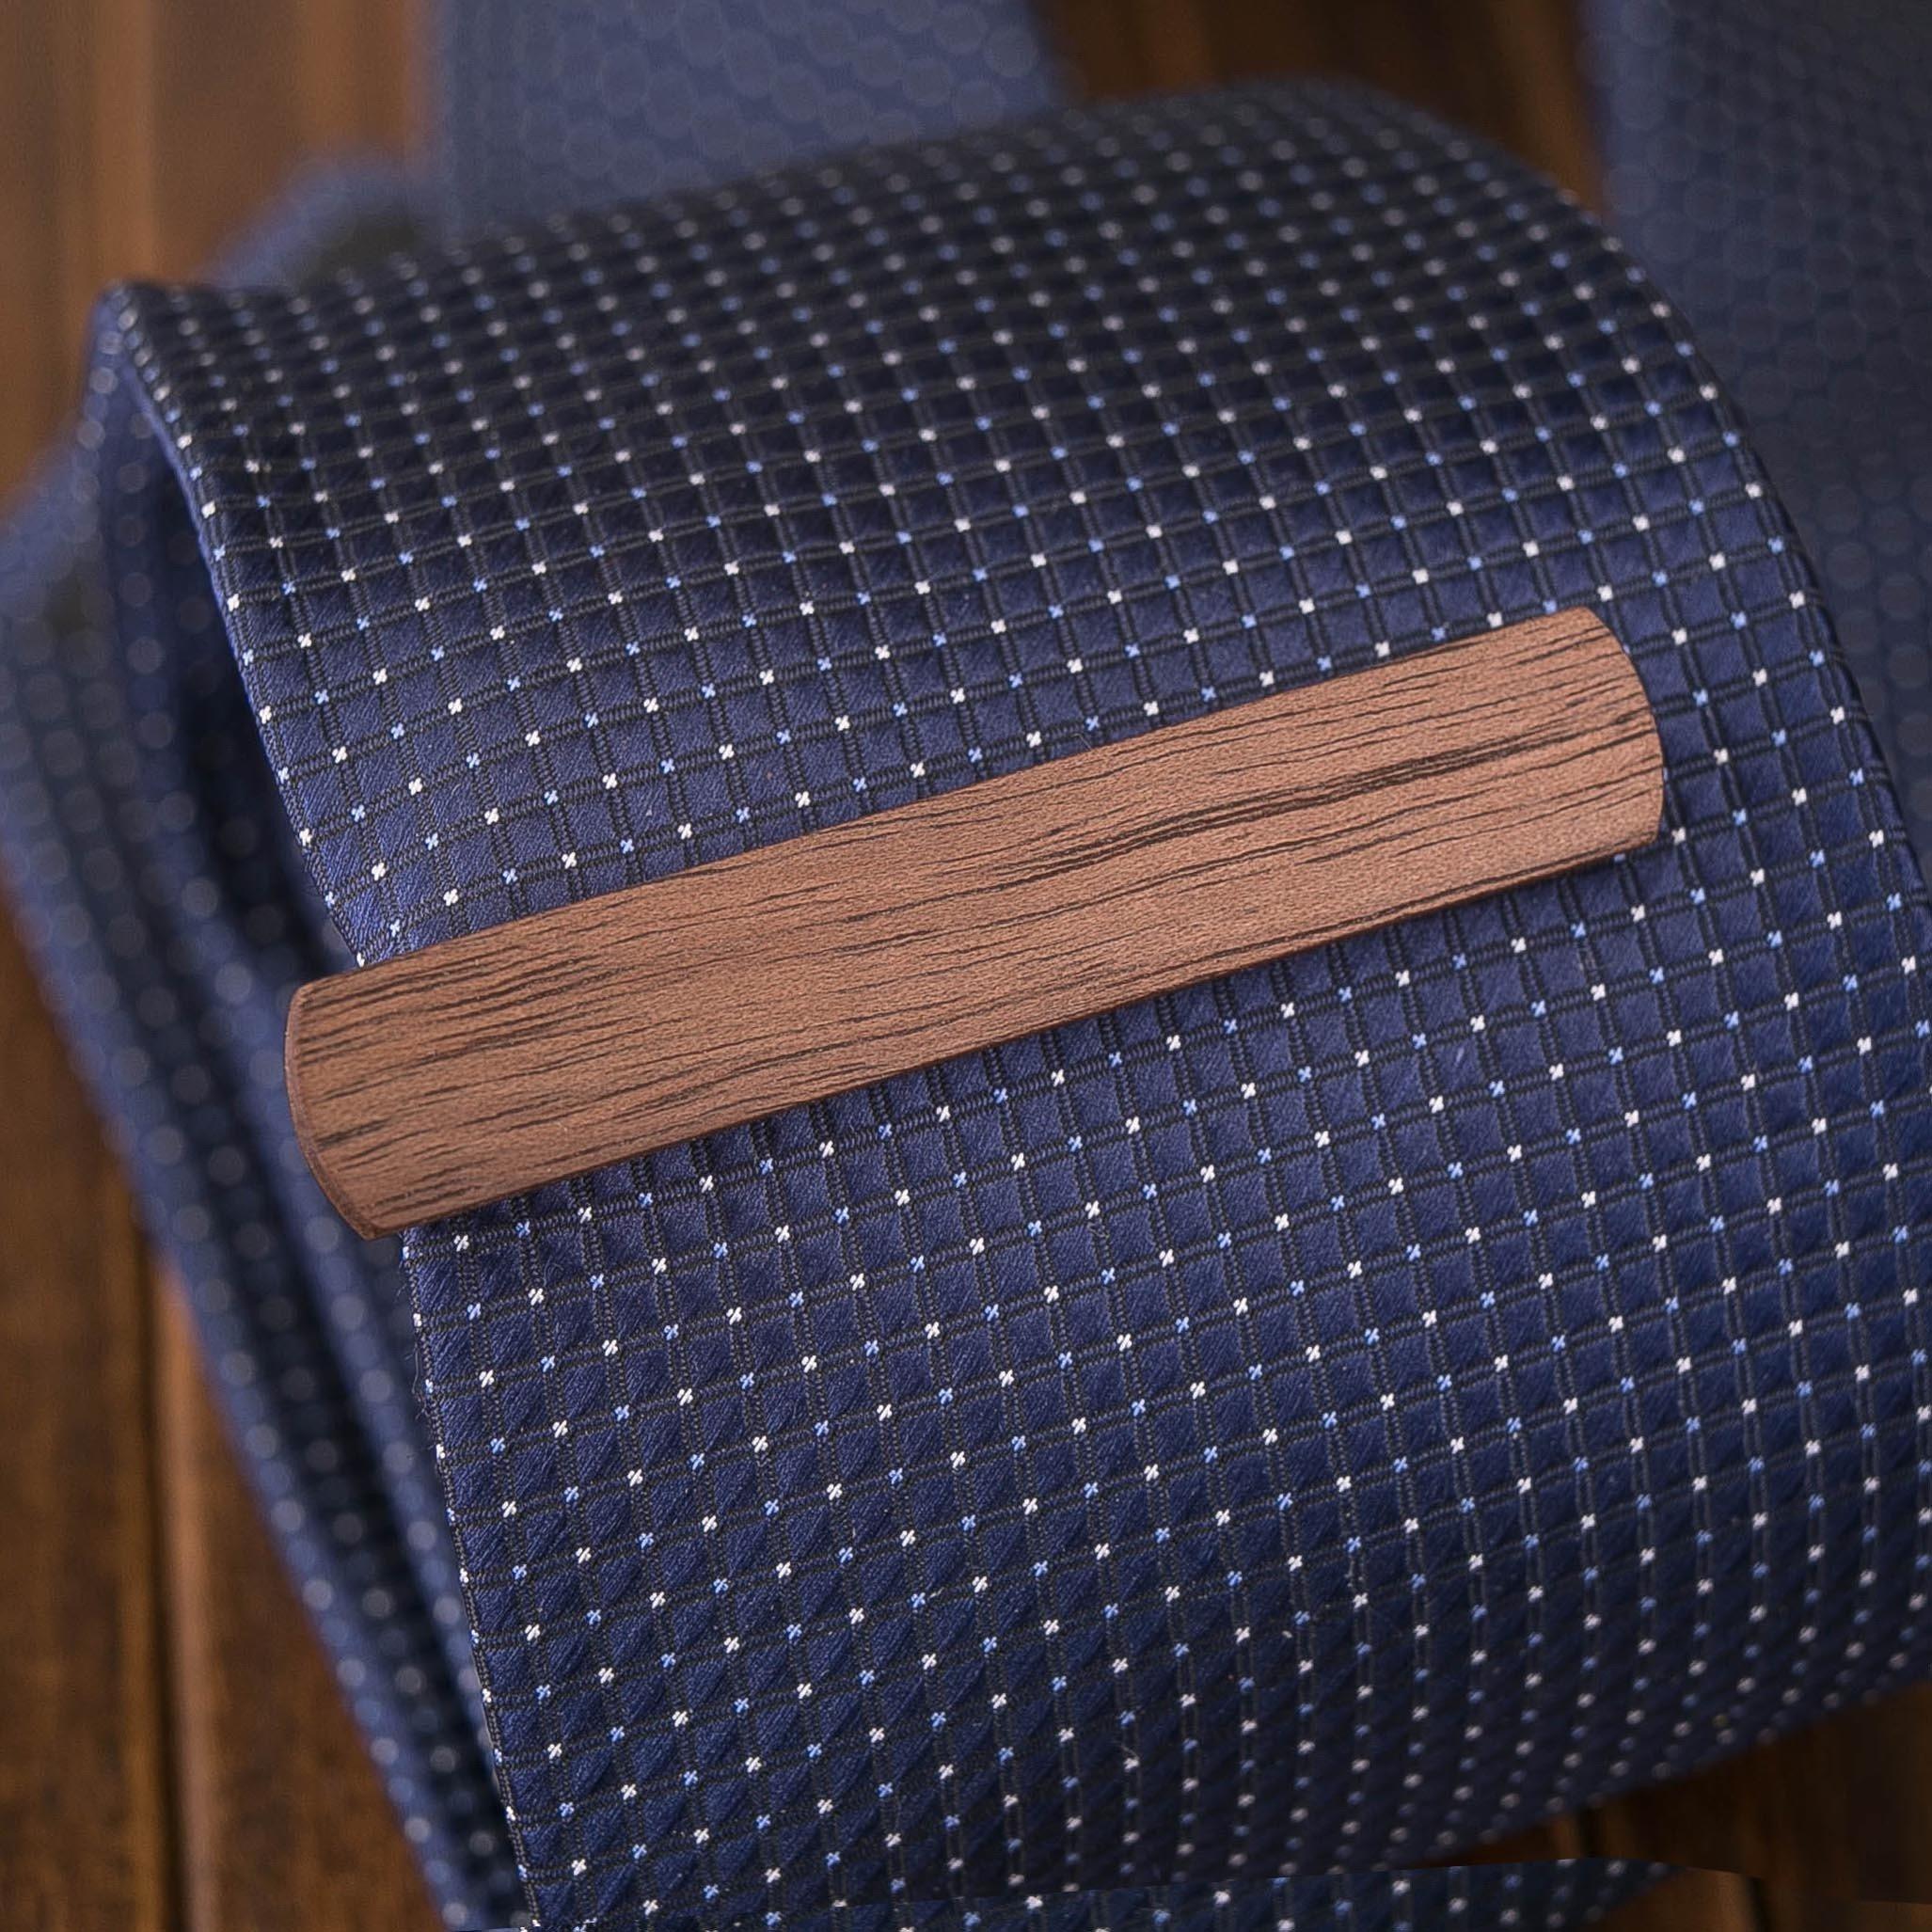 Деревянный зажим для галстука из массива ореха. Гравировка имени или инициалов. Планка для галстука. Подарок для друзей жениха. Подарок на деревянную свадьбу TW-WalnutTieClip10